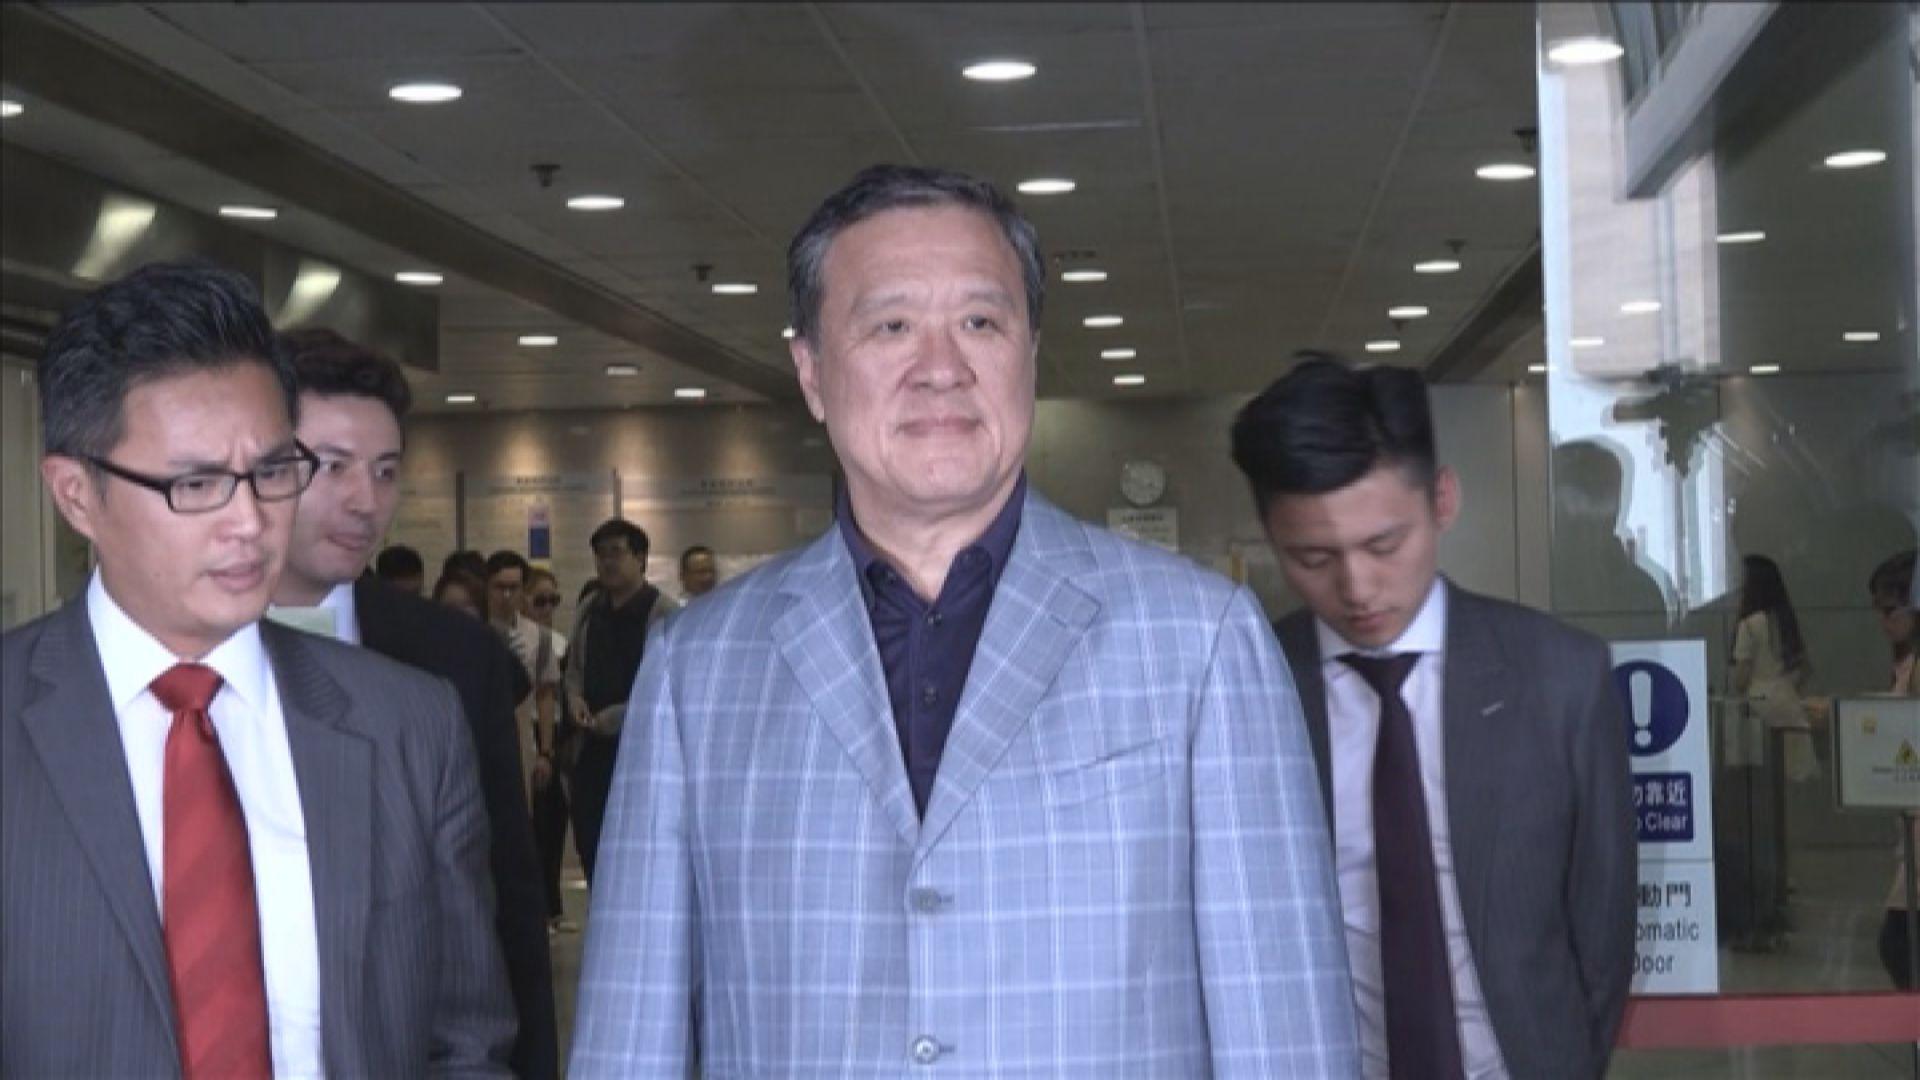 張震遠串謀詐騙及欺詐罪罪成 下周四判刑